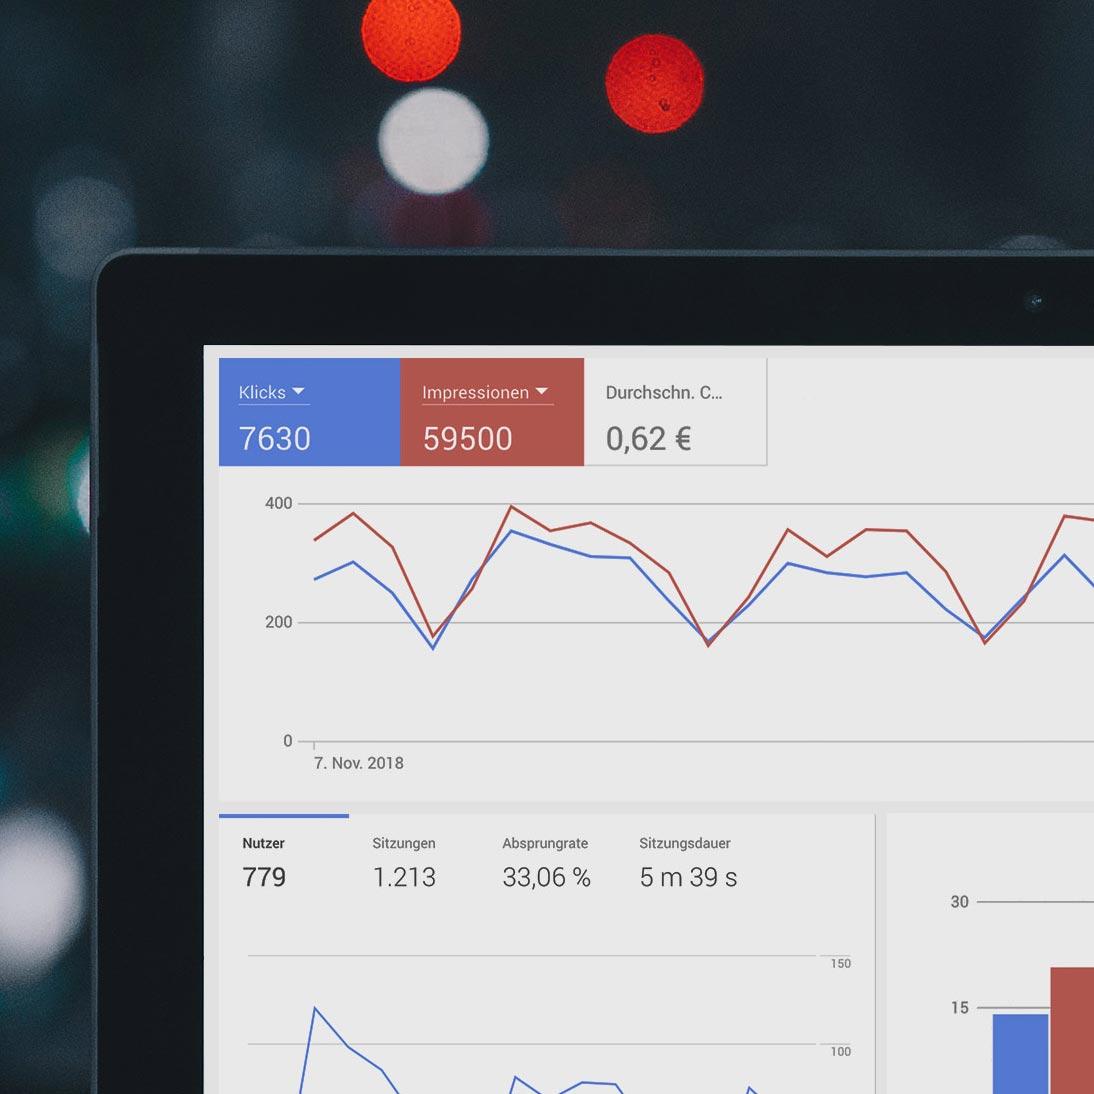 Auf einem Bildschirm sind verschiedene Statistiken zur Suchmaschinenoptimierung zu sehen